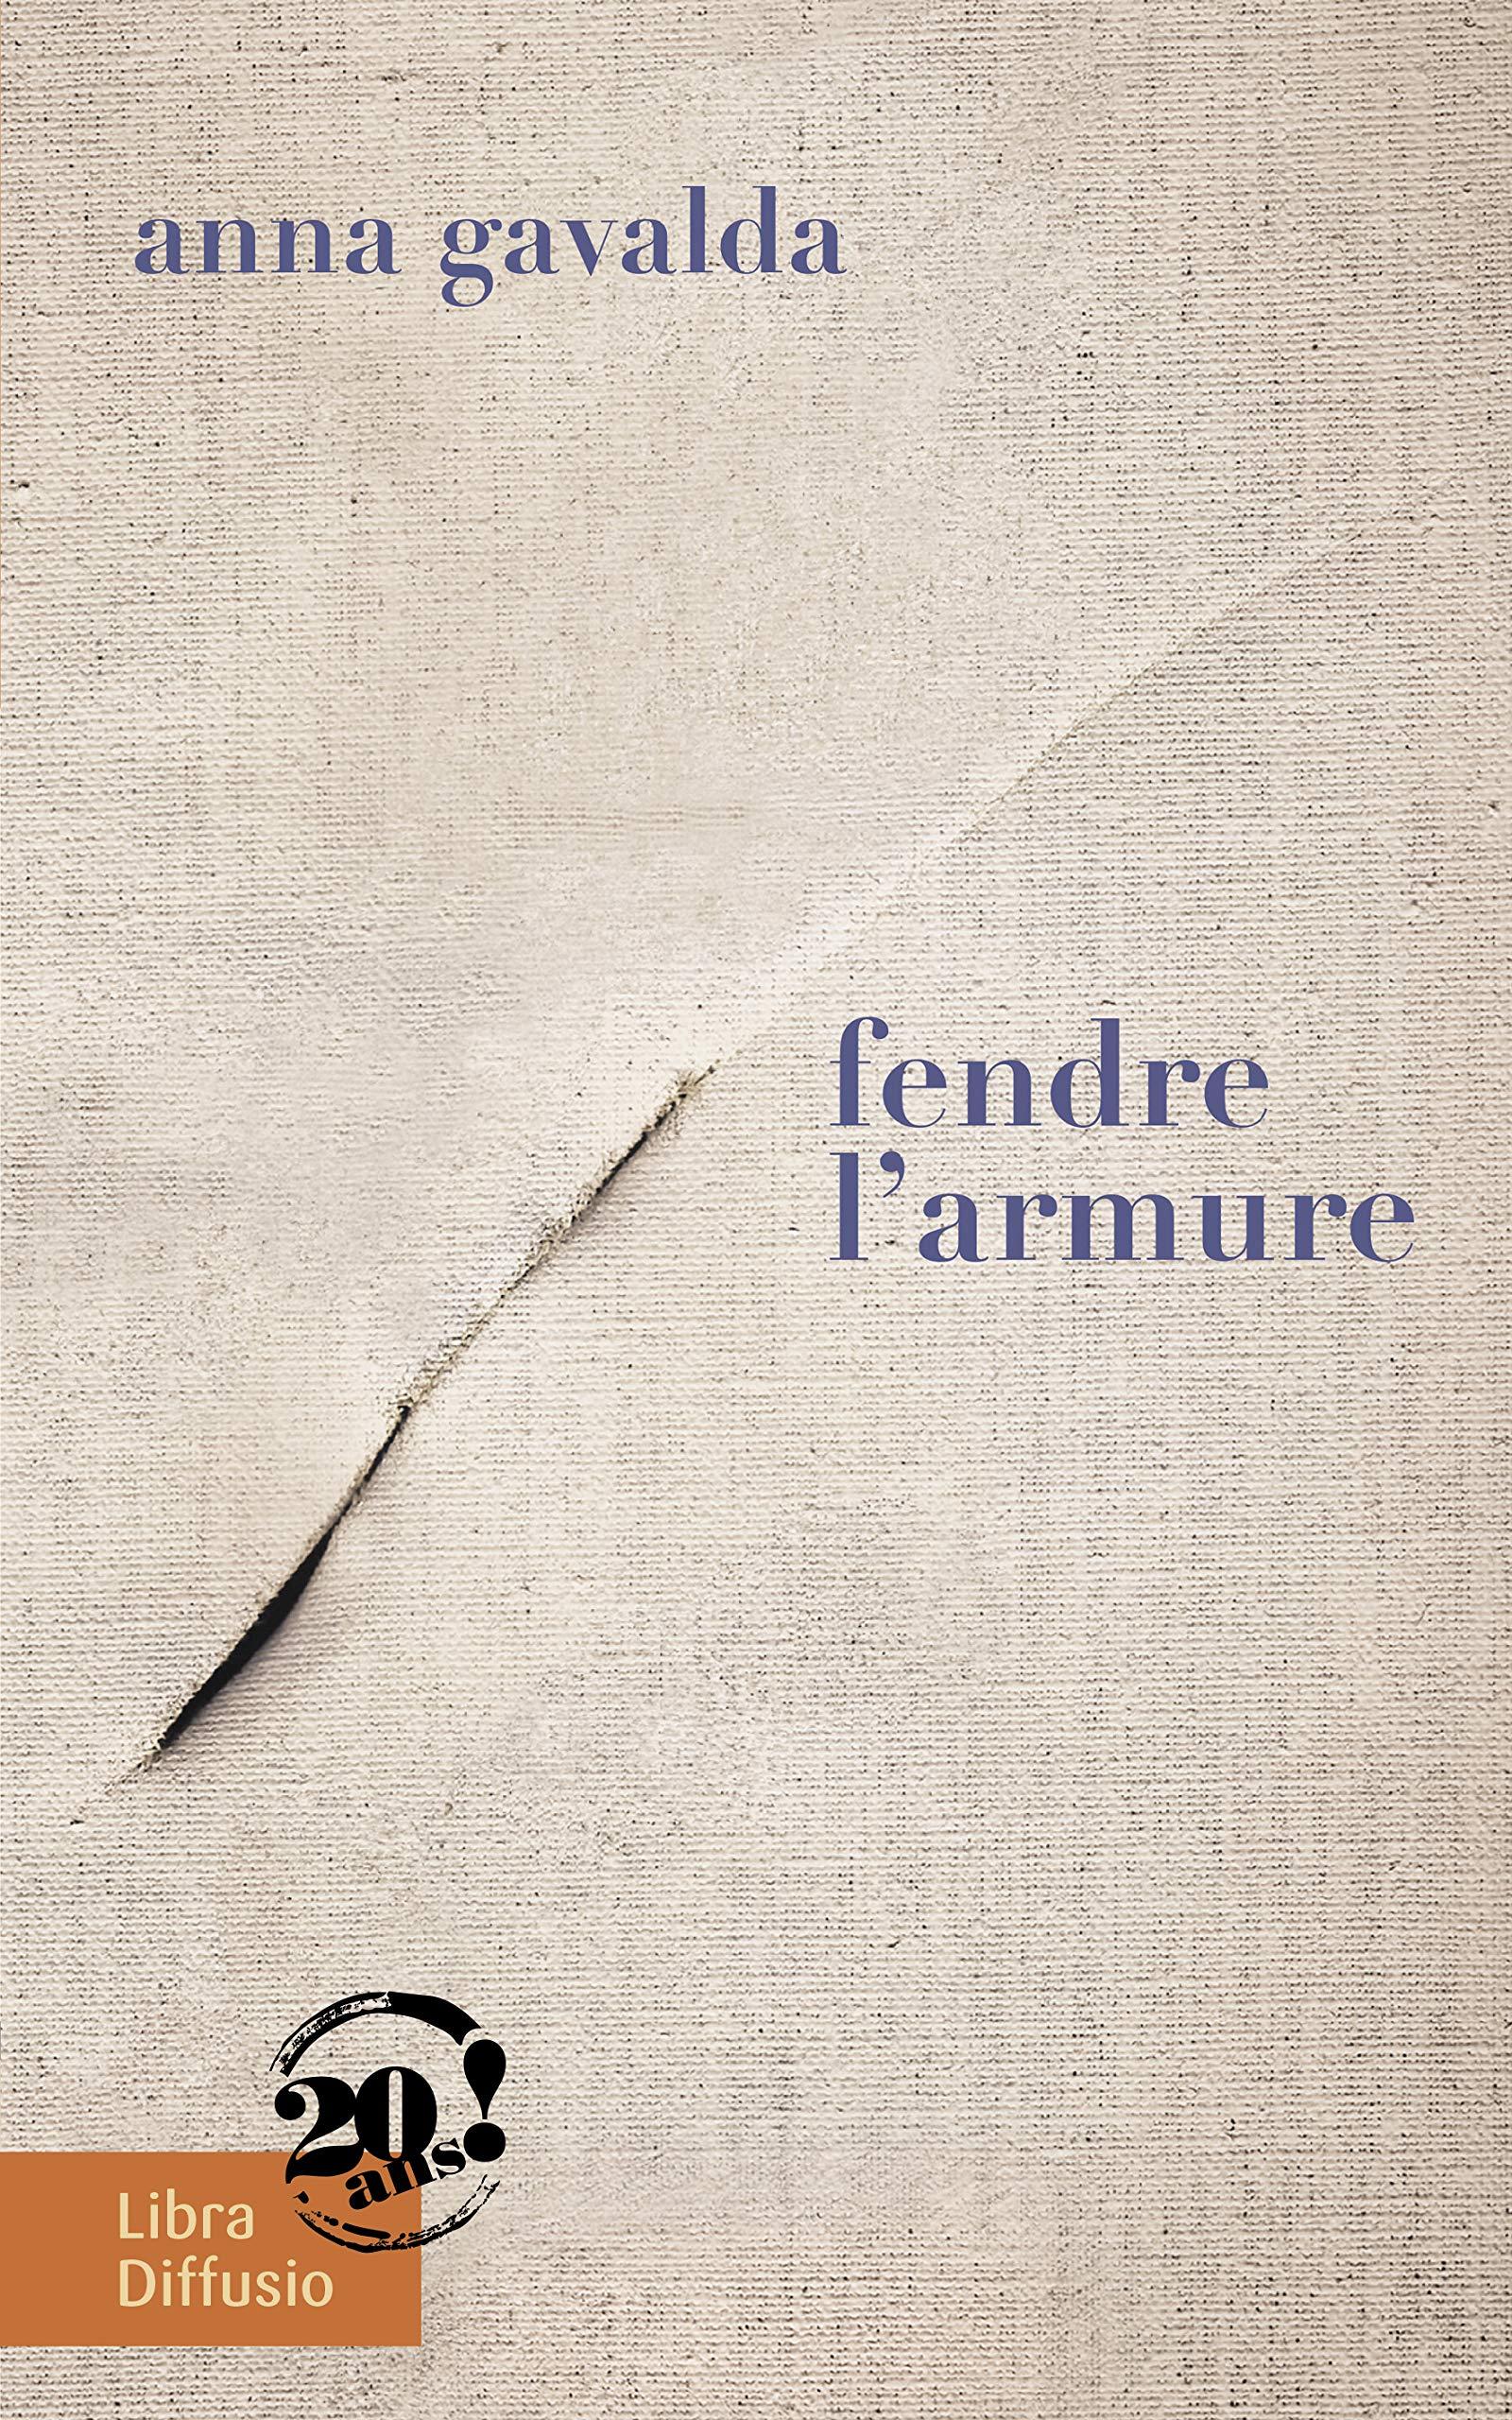 GRATUIT LARMURE TÉLÉCHARGER FENDRE